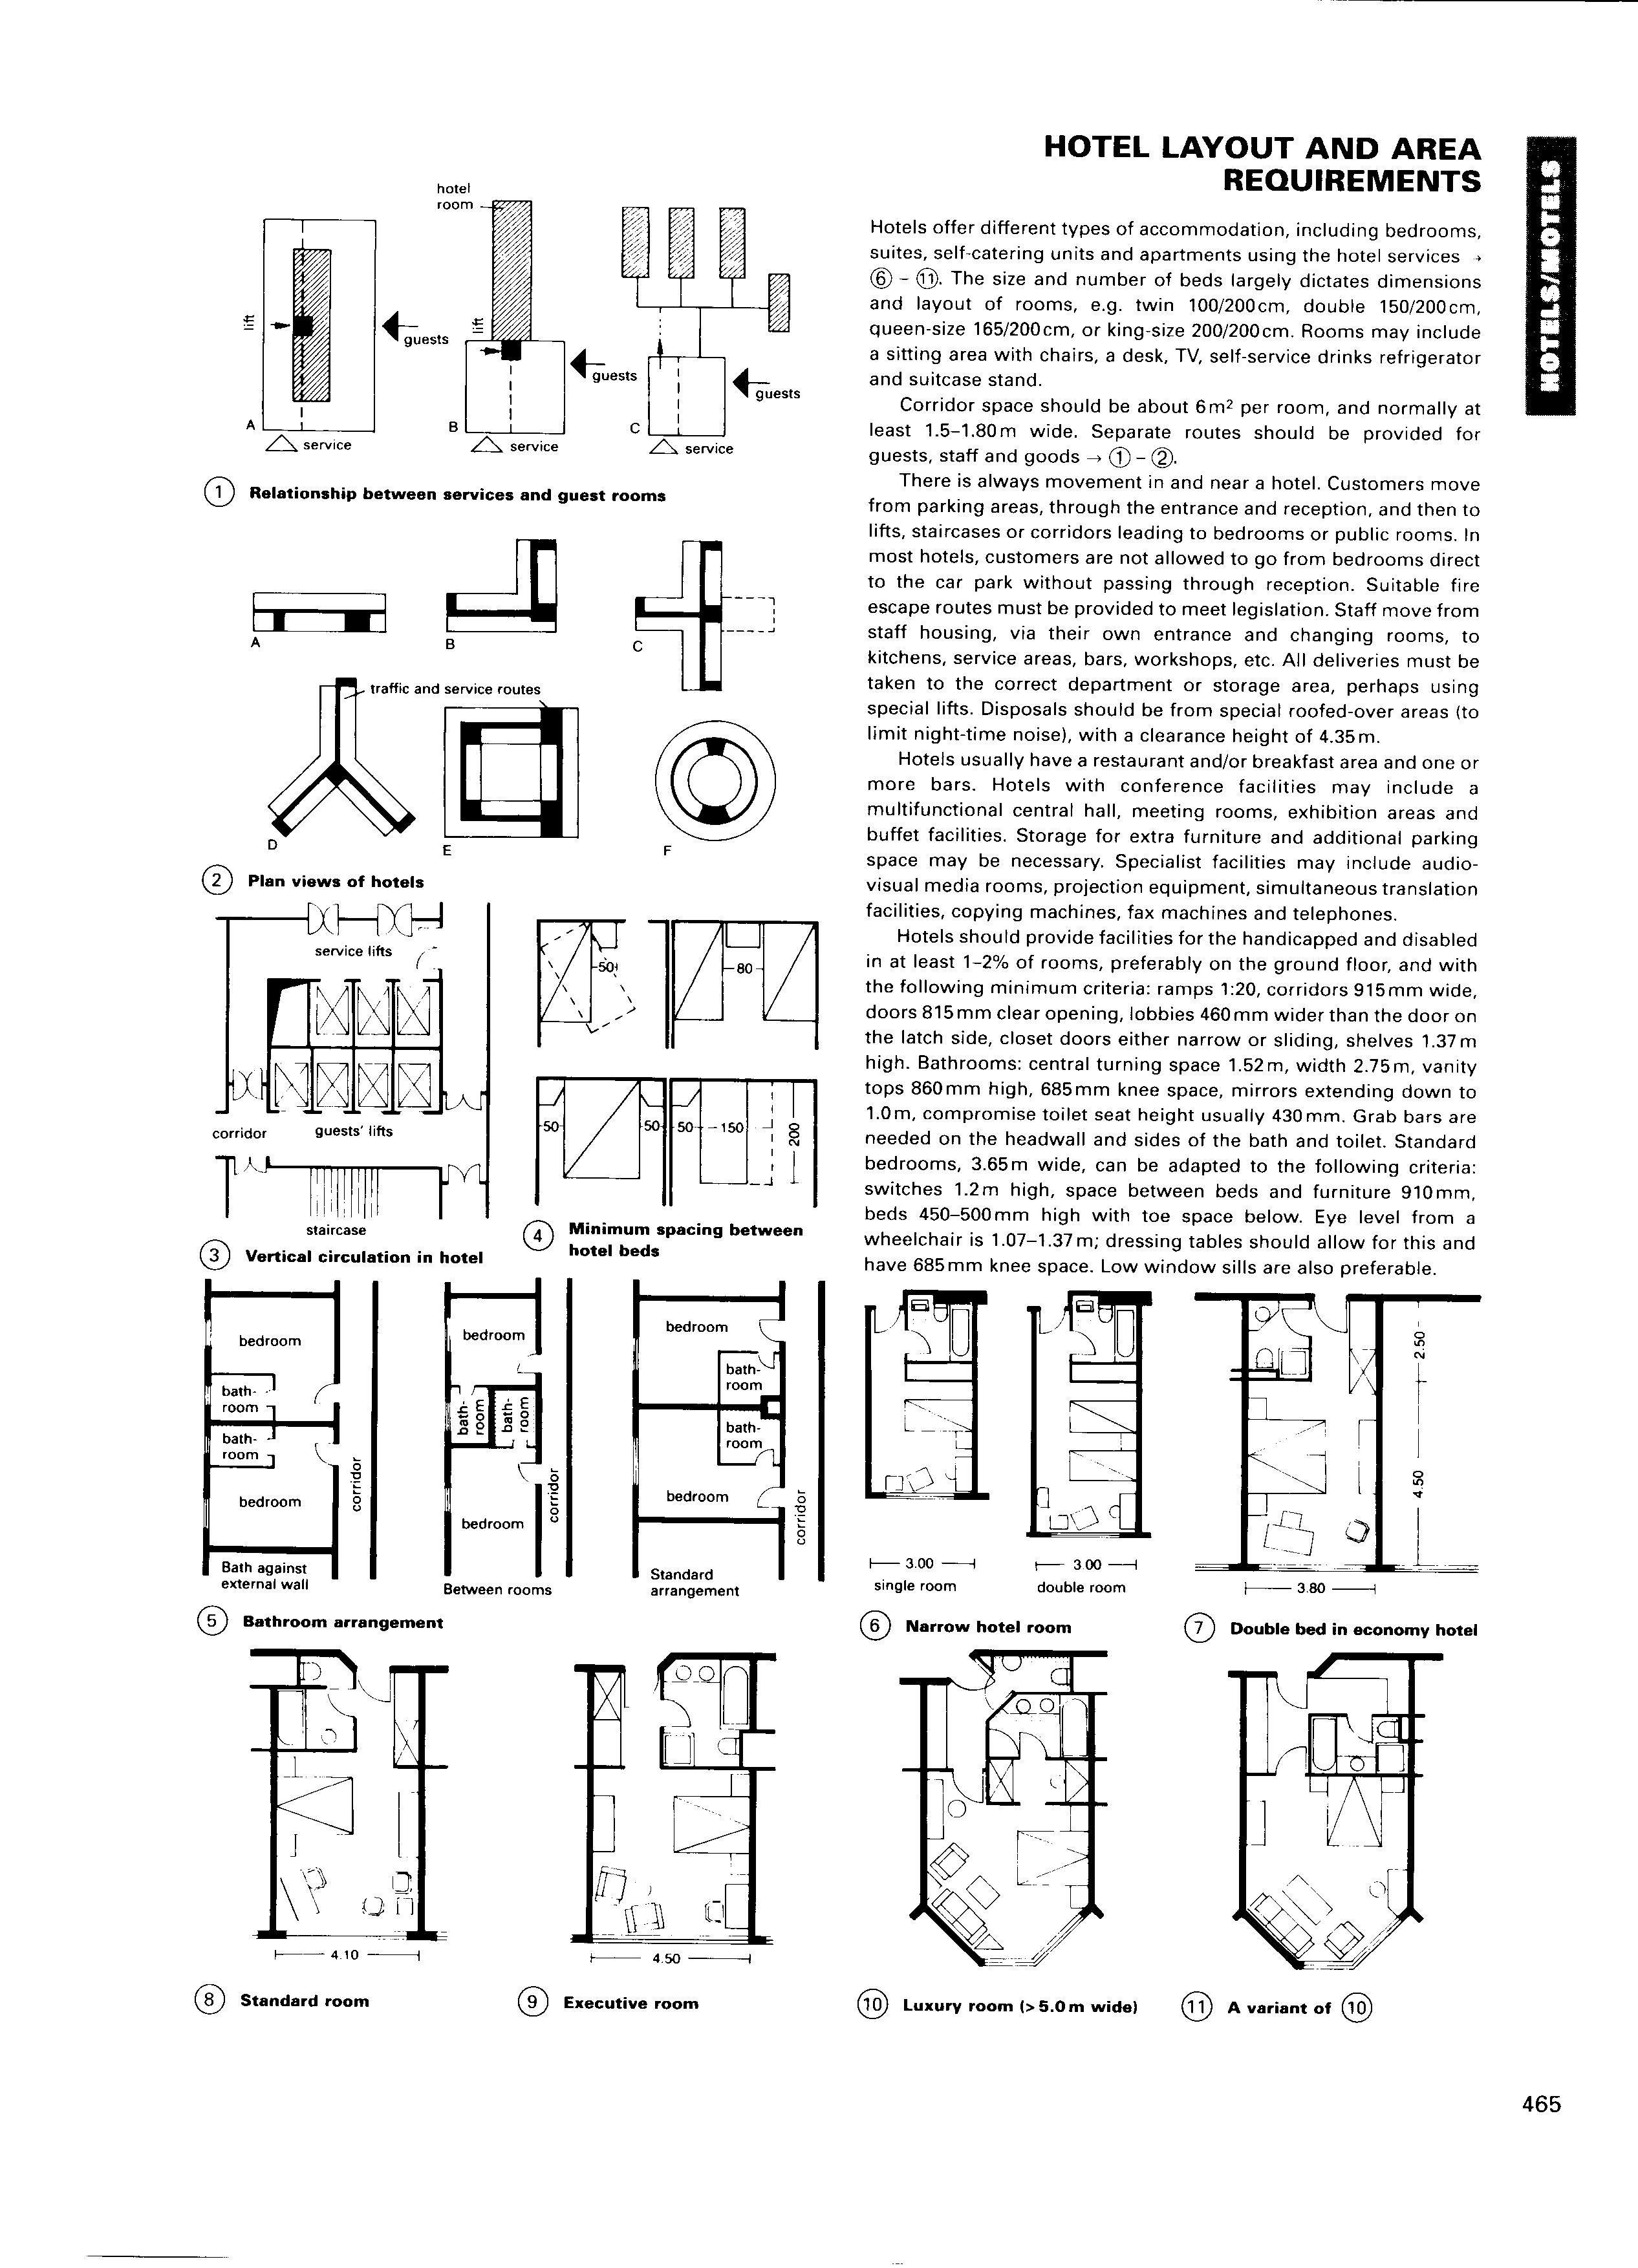 Architectural Standard Ernst Amp Peter Neufert Hotel